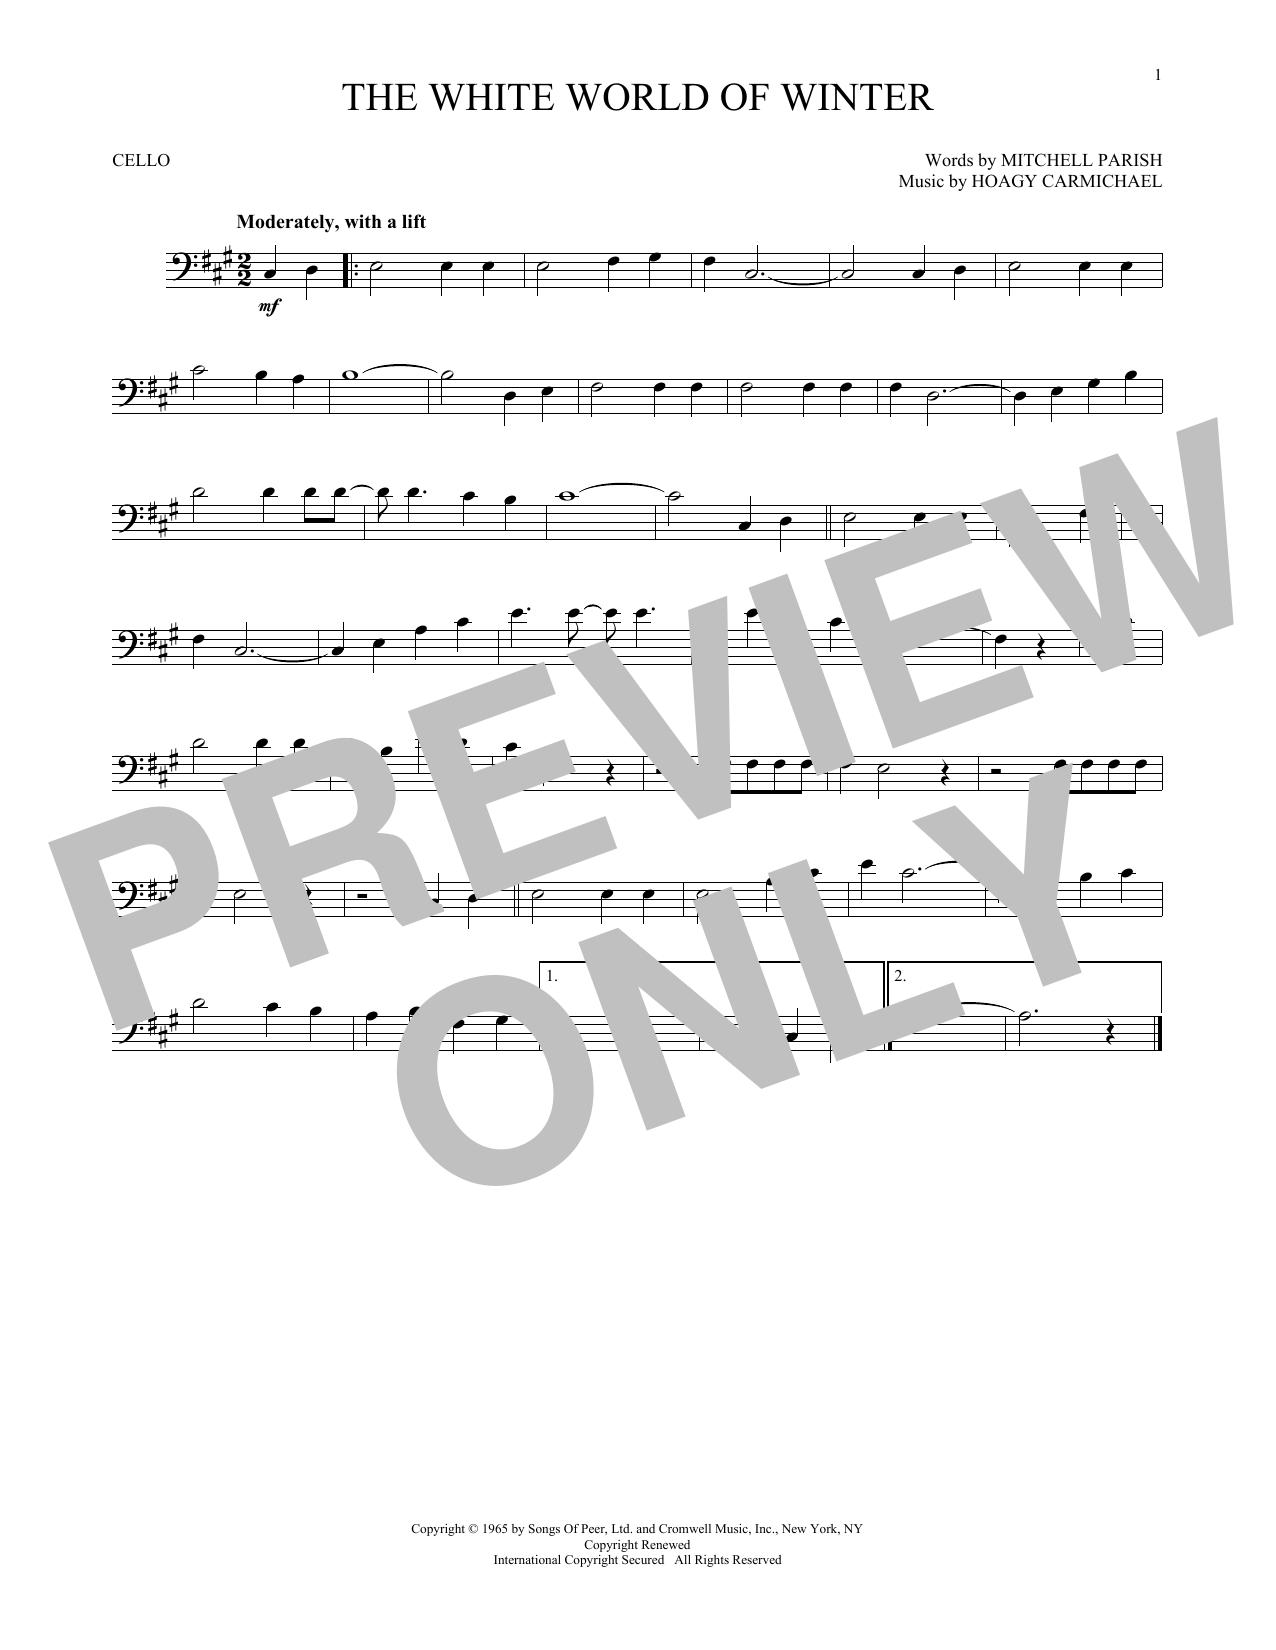 The White World Of Winter (Cello Solo)